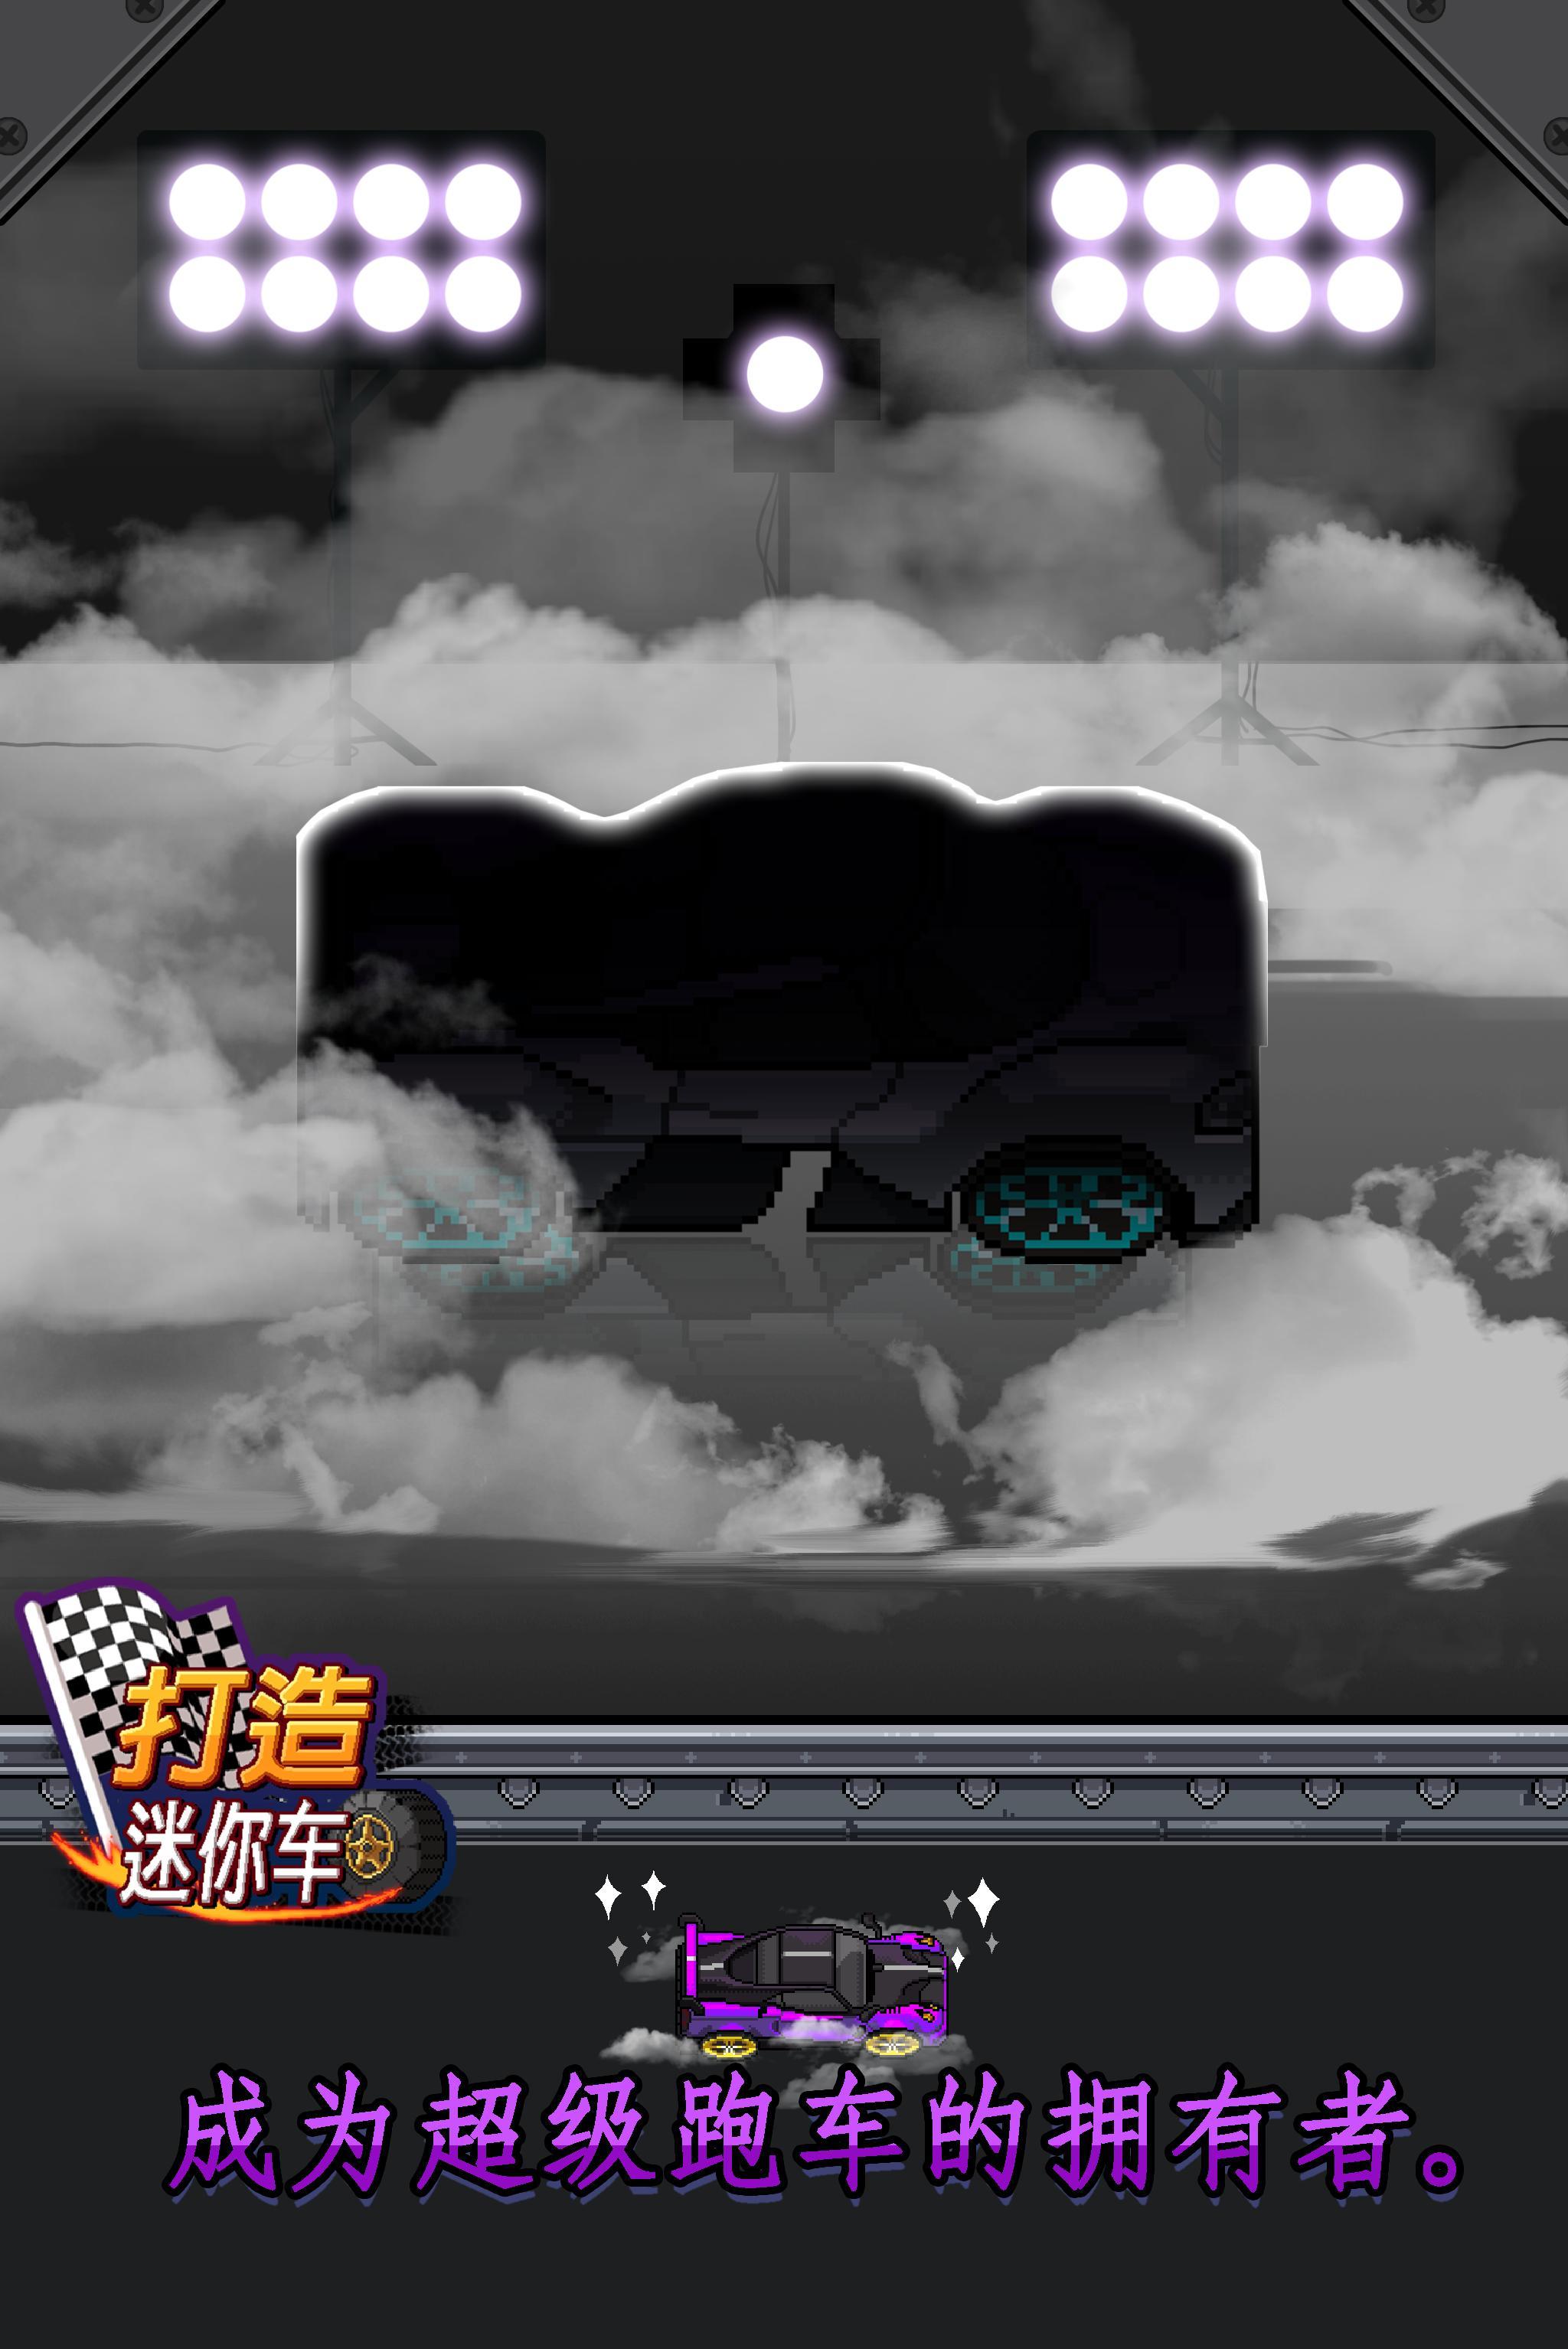 打造迷你车游戏下载